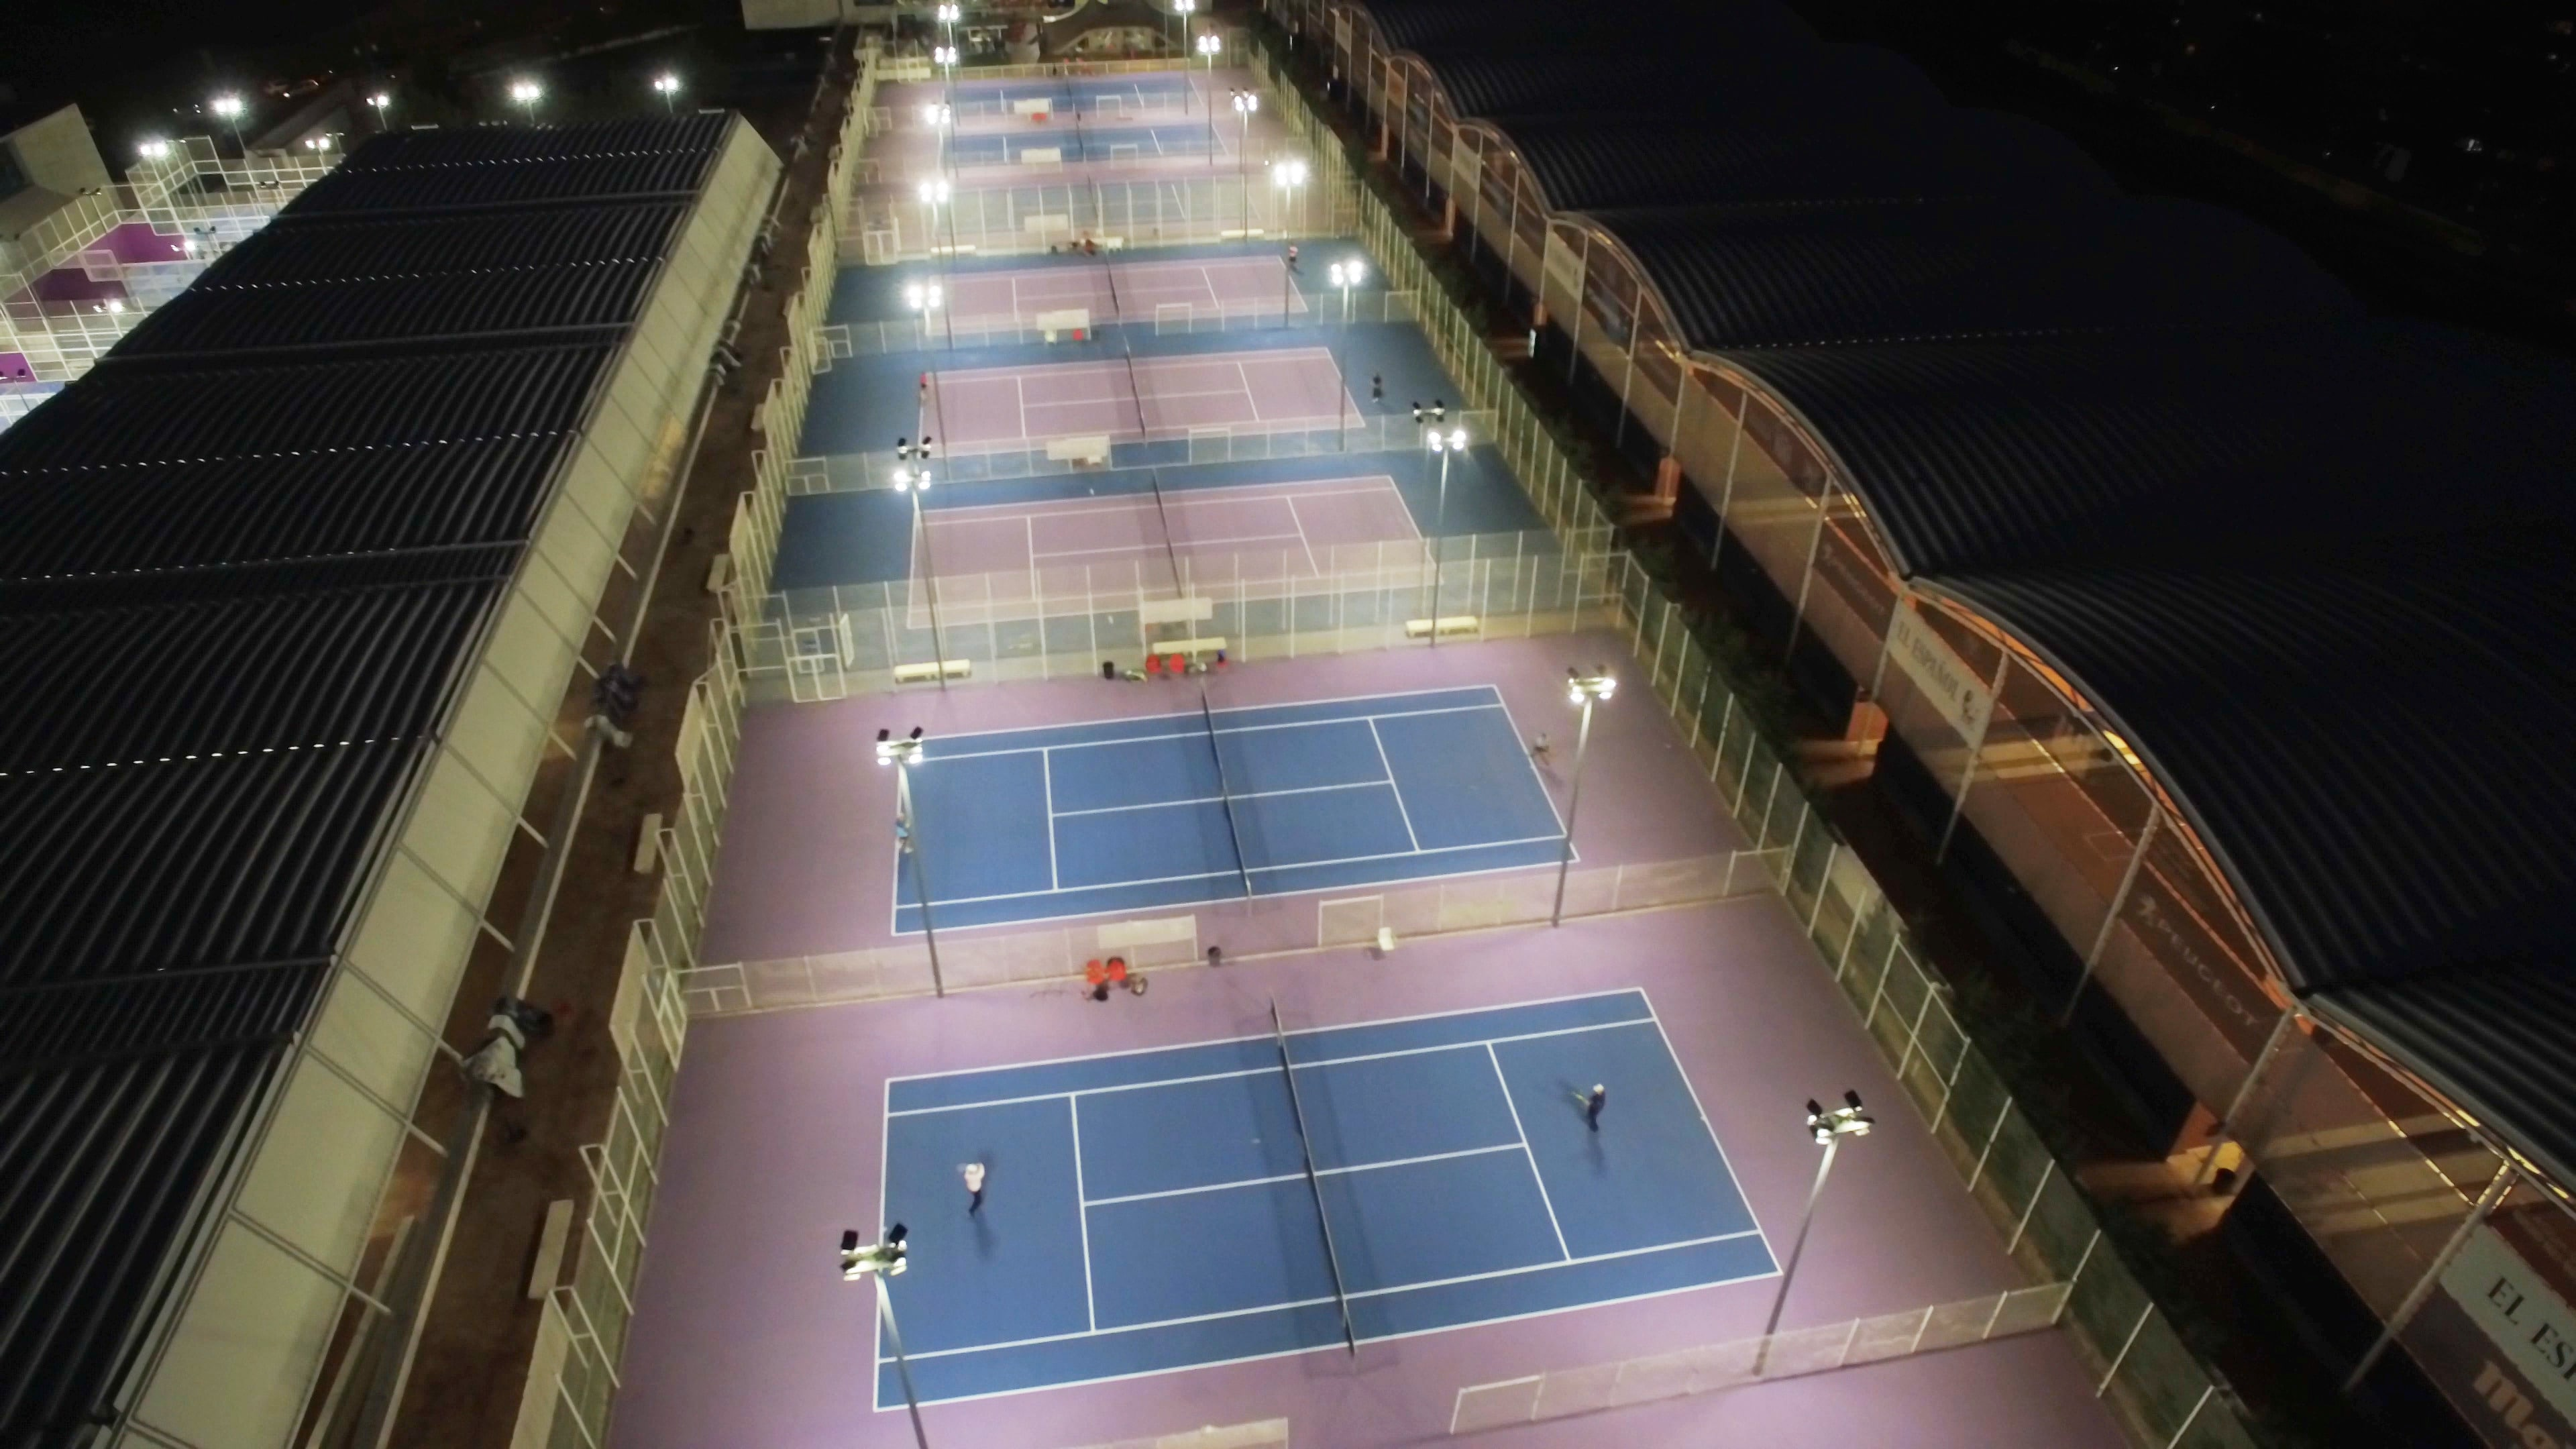 Iluminación de pistas de pádel con focos LED Ledvance